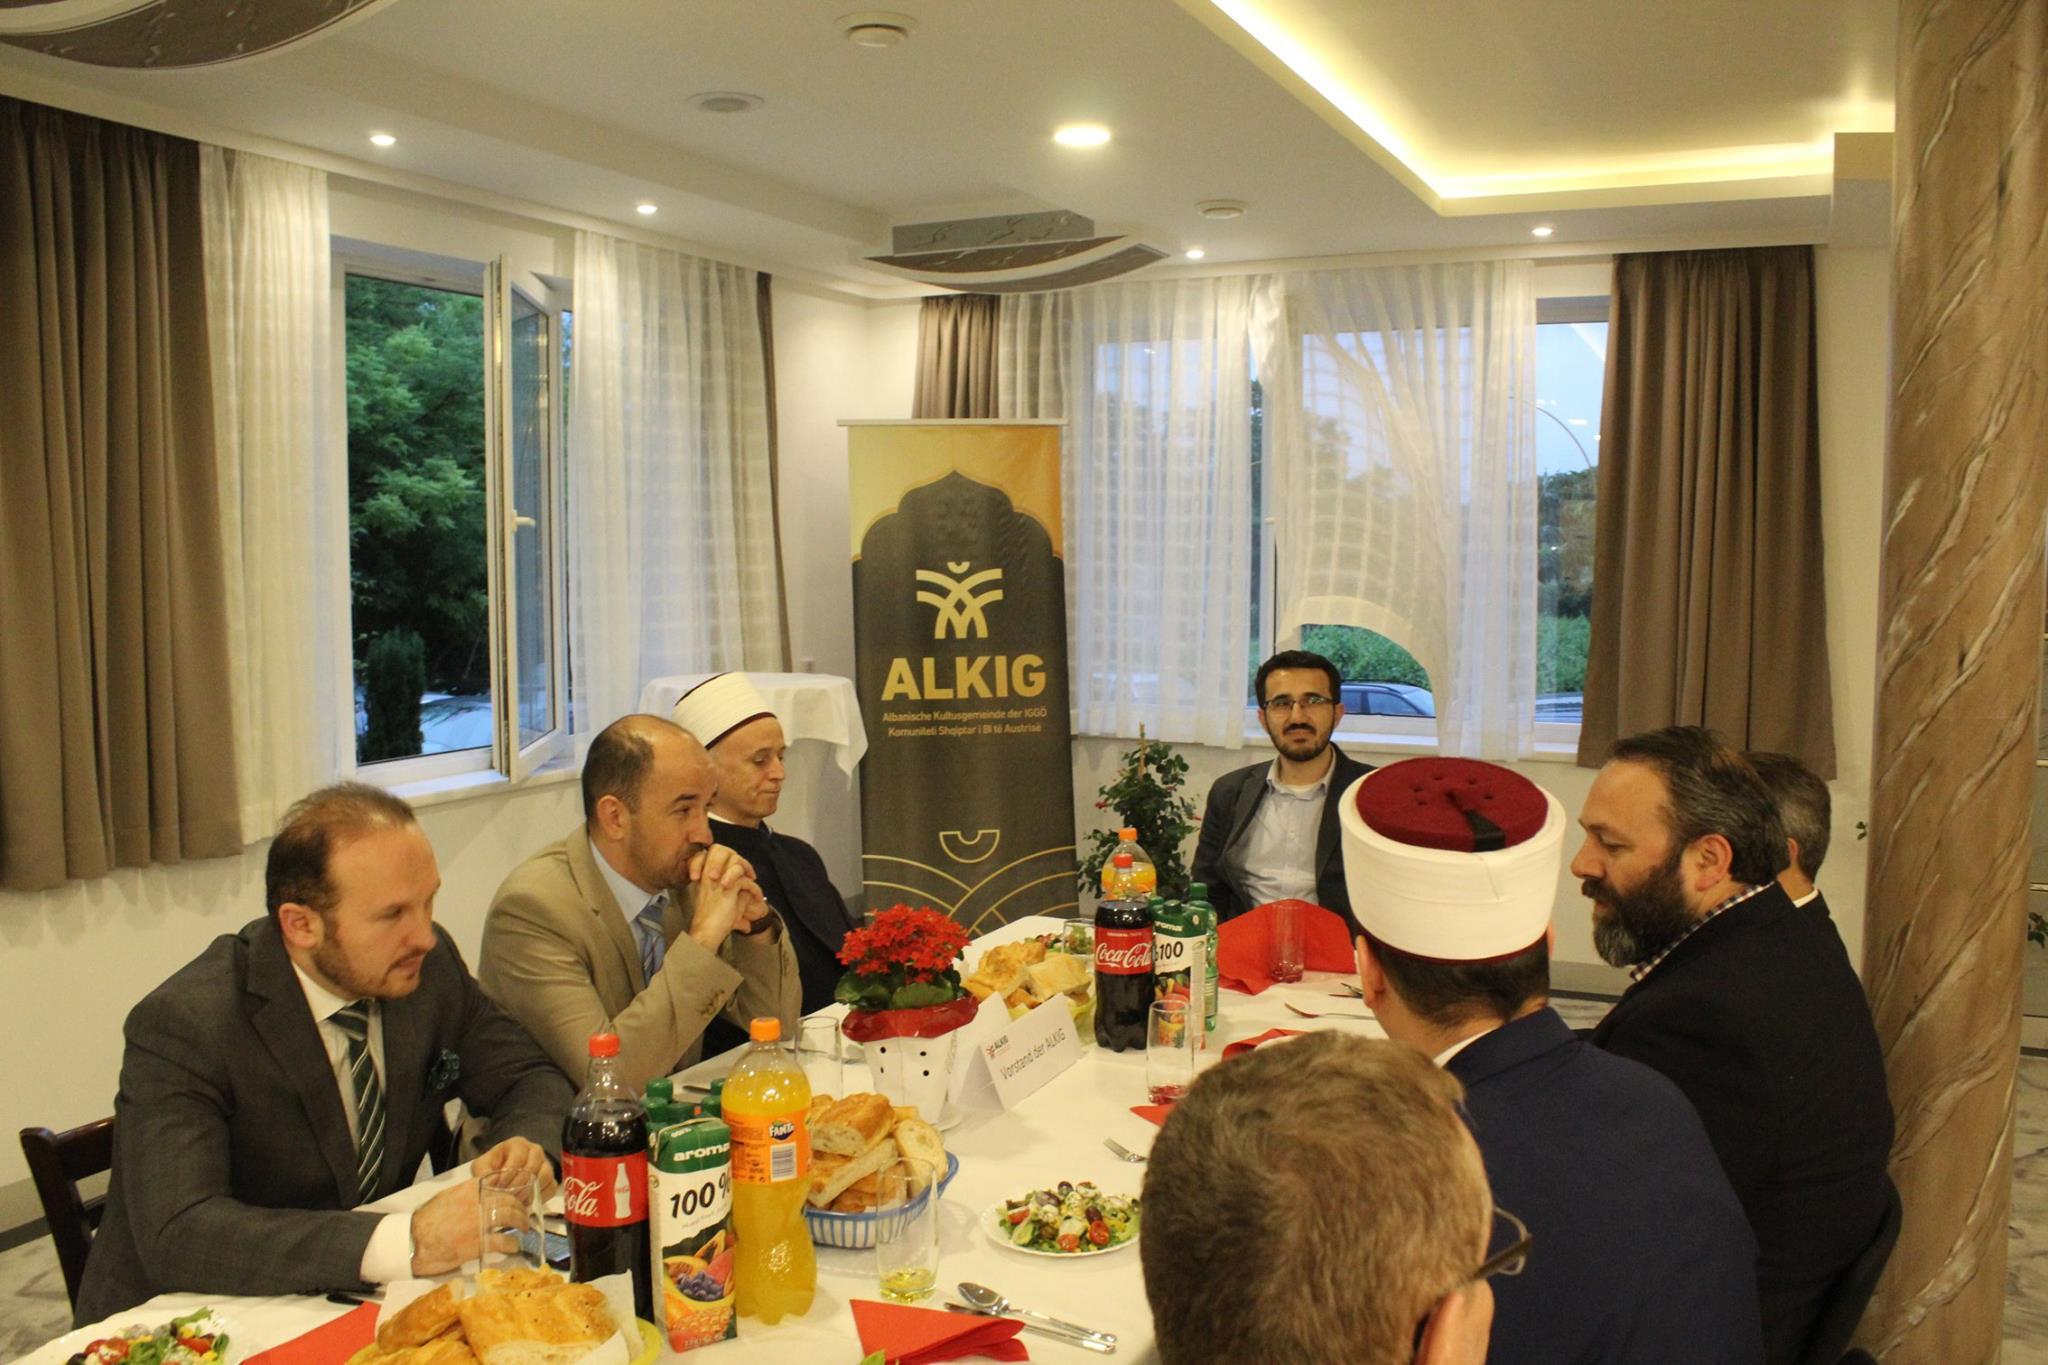 ALKIG – Fastenbrechen (Iftar) 2017